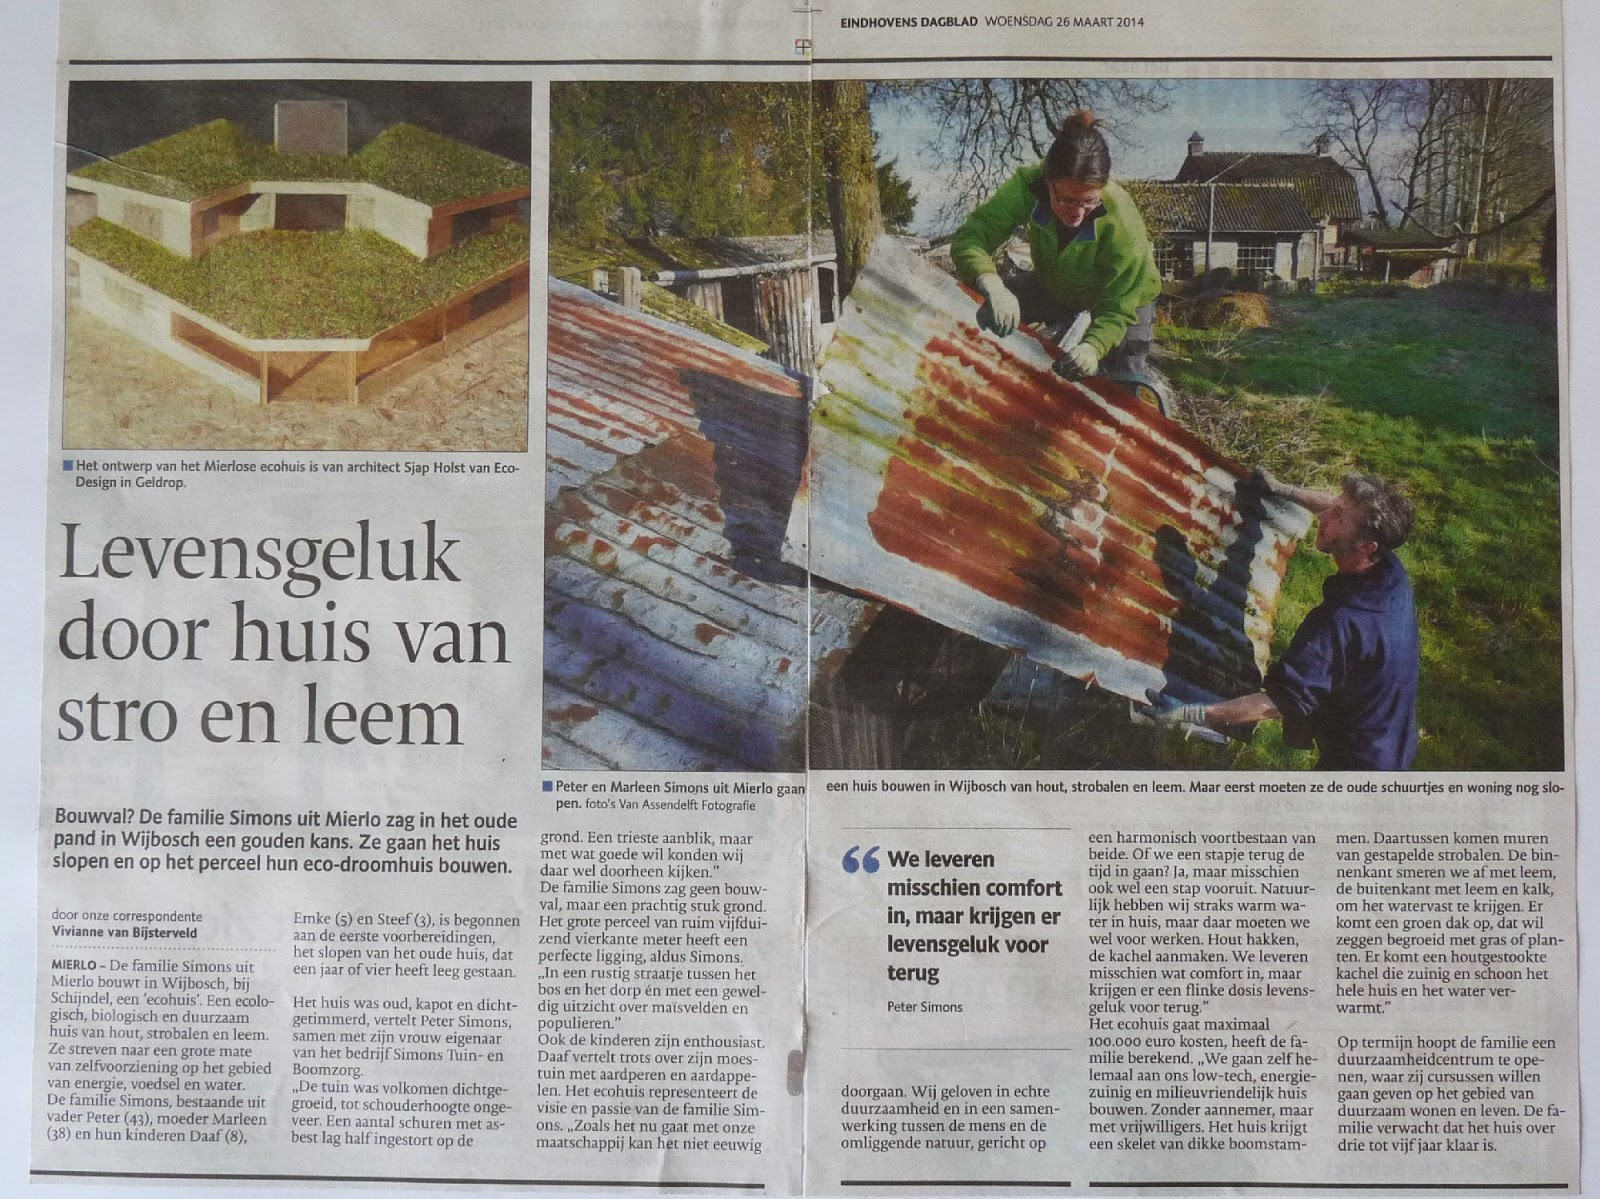 Artikel Eindhoven Dagblad